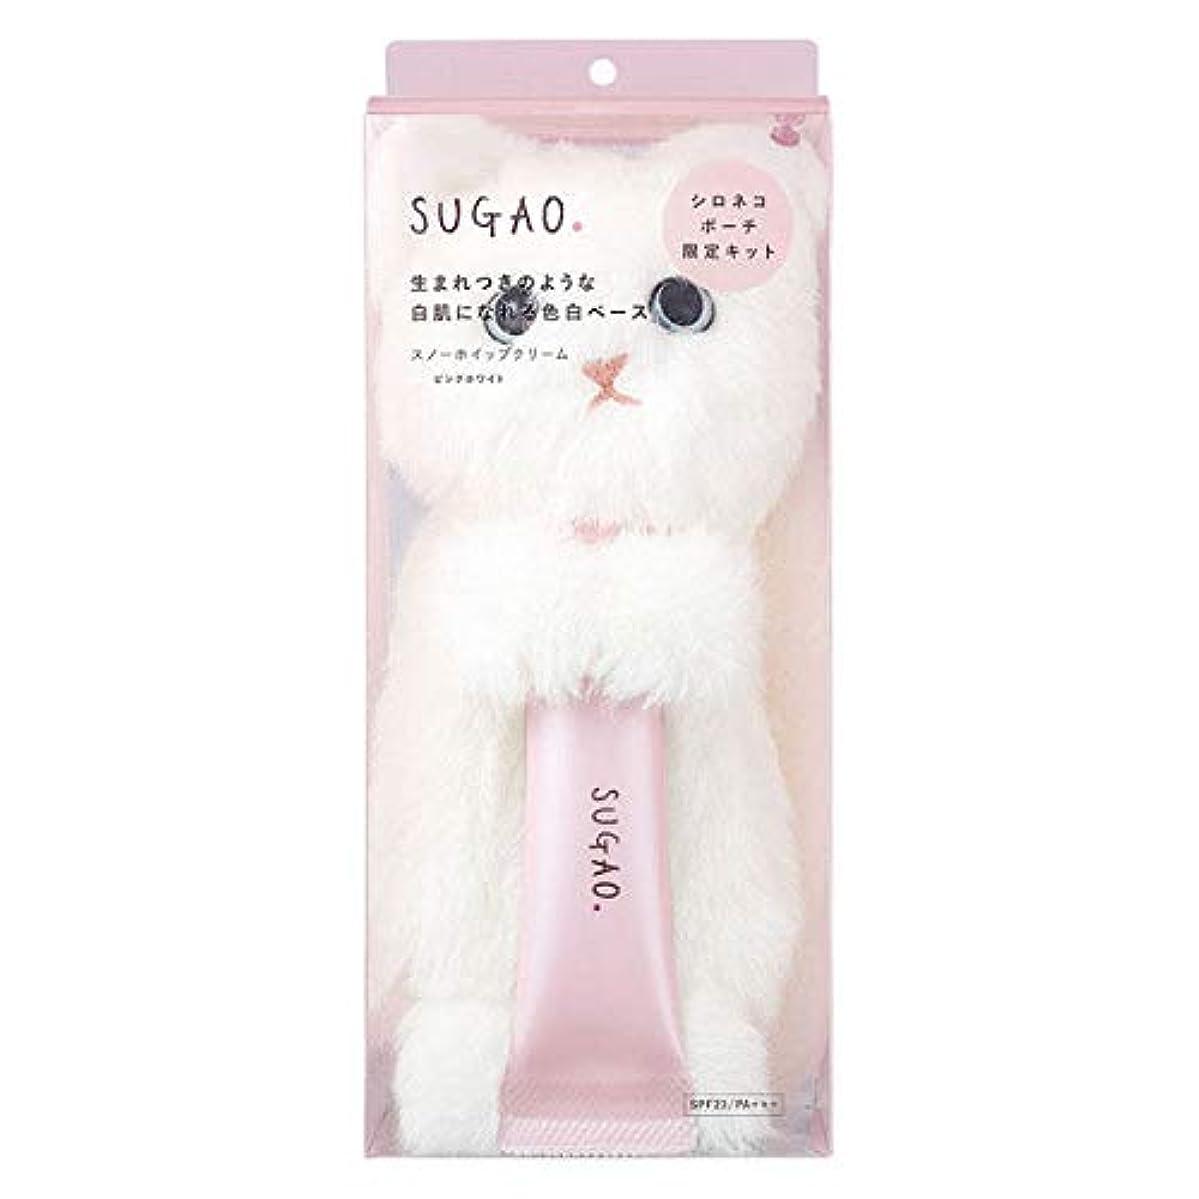 ポールキャンベラ私たちのものSUGAO(スガオ) スノーホイップクリーム ピンクホワイト 25g +シロネコぬいぐるみ付き ロート製薬 [並行輸入品]